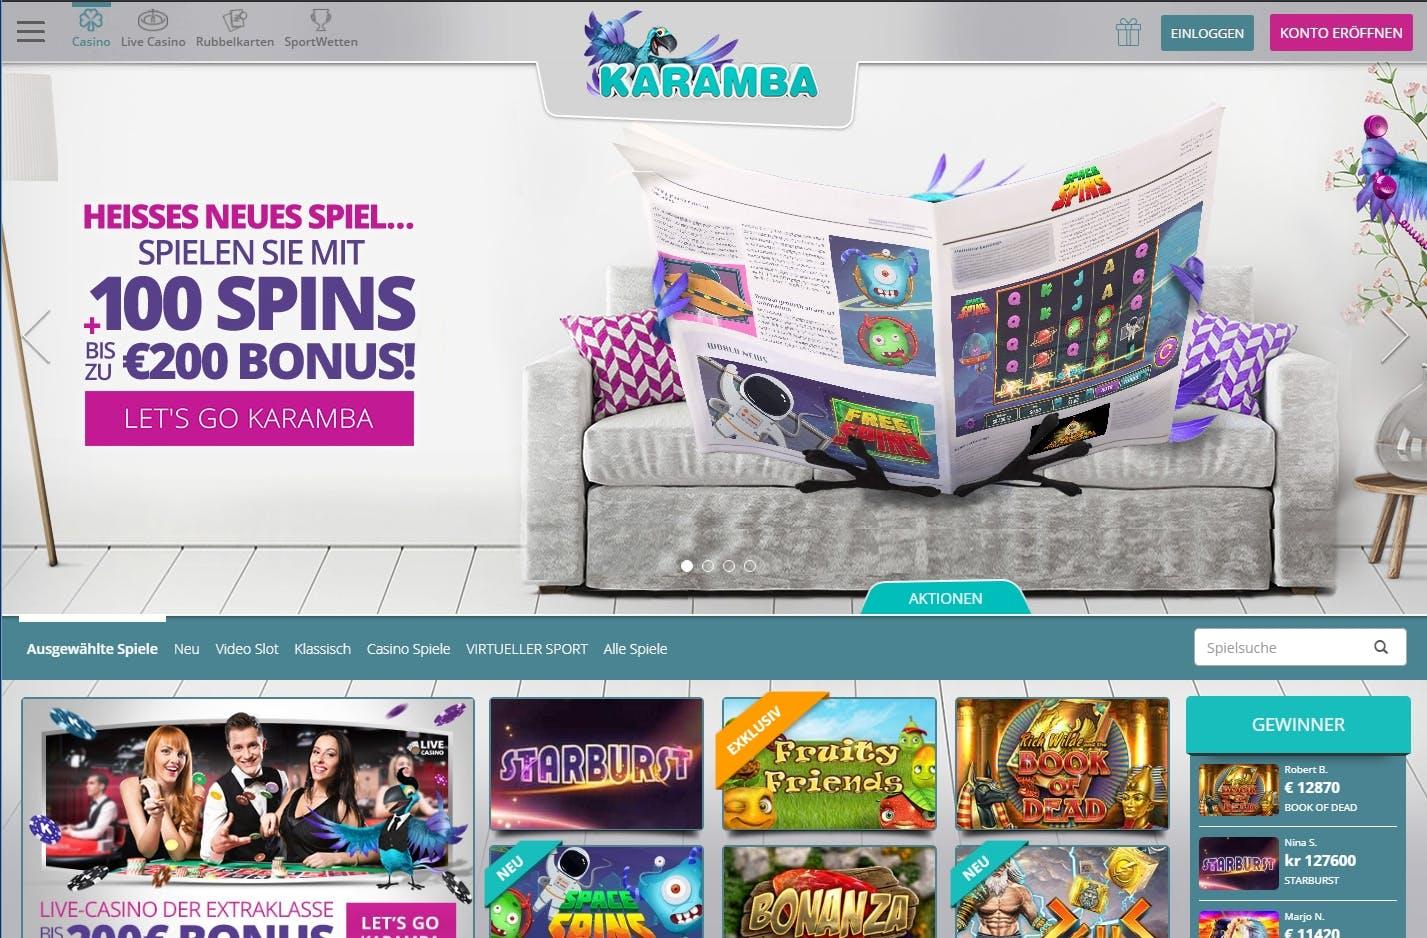 Spela med pengar online 42052